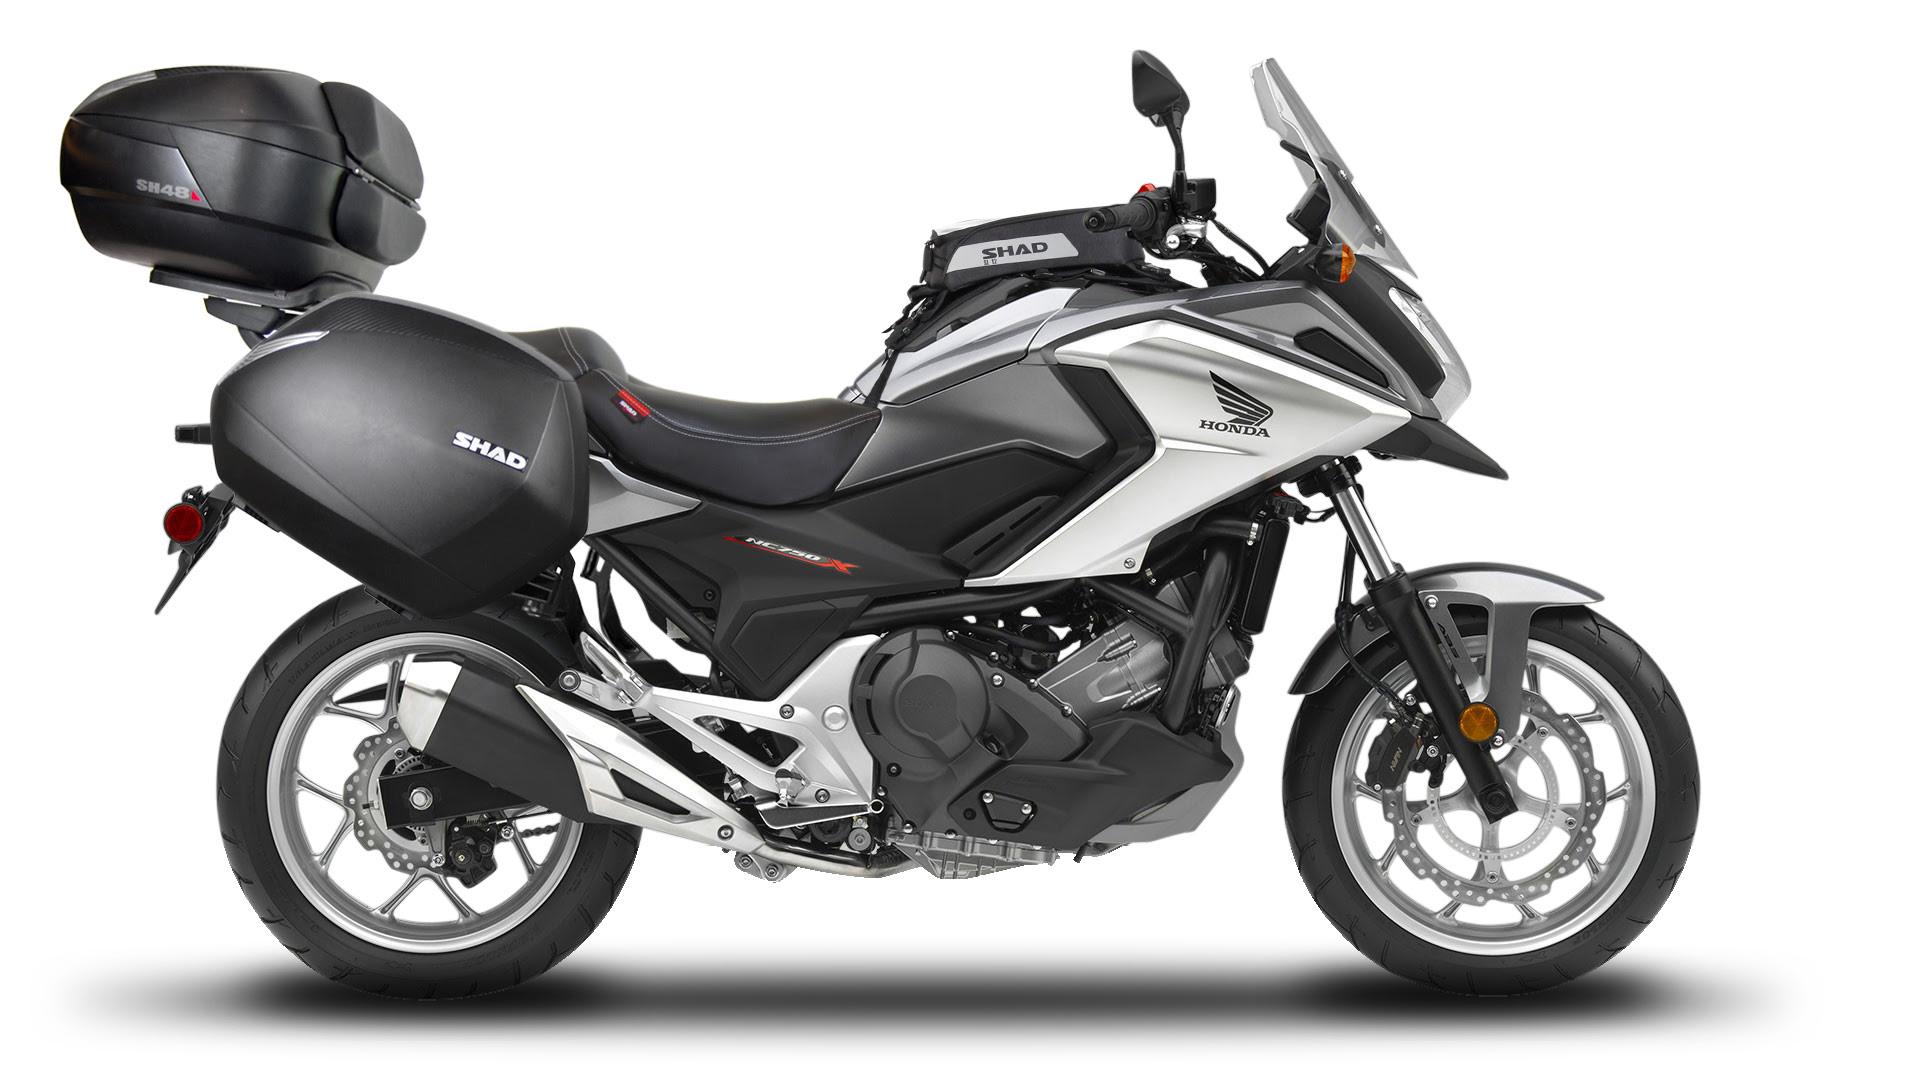 SHAD lanza un nueva maleta de moto para la NC750X